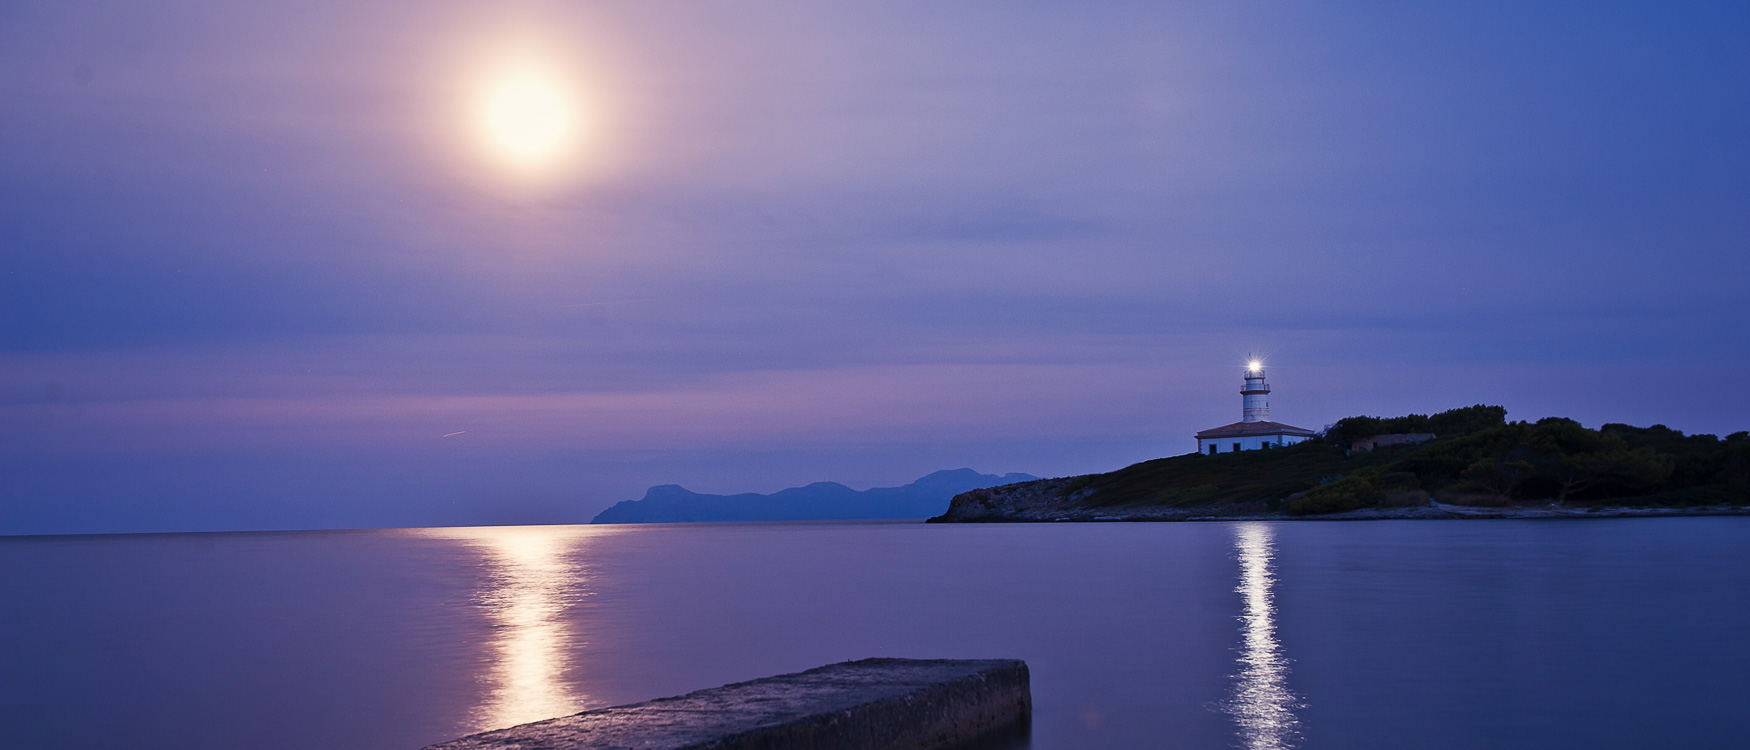 mallorca-tipps-leuchtturm-bei-nacht